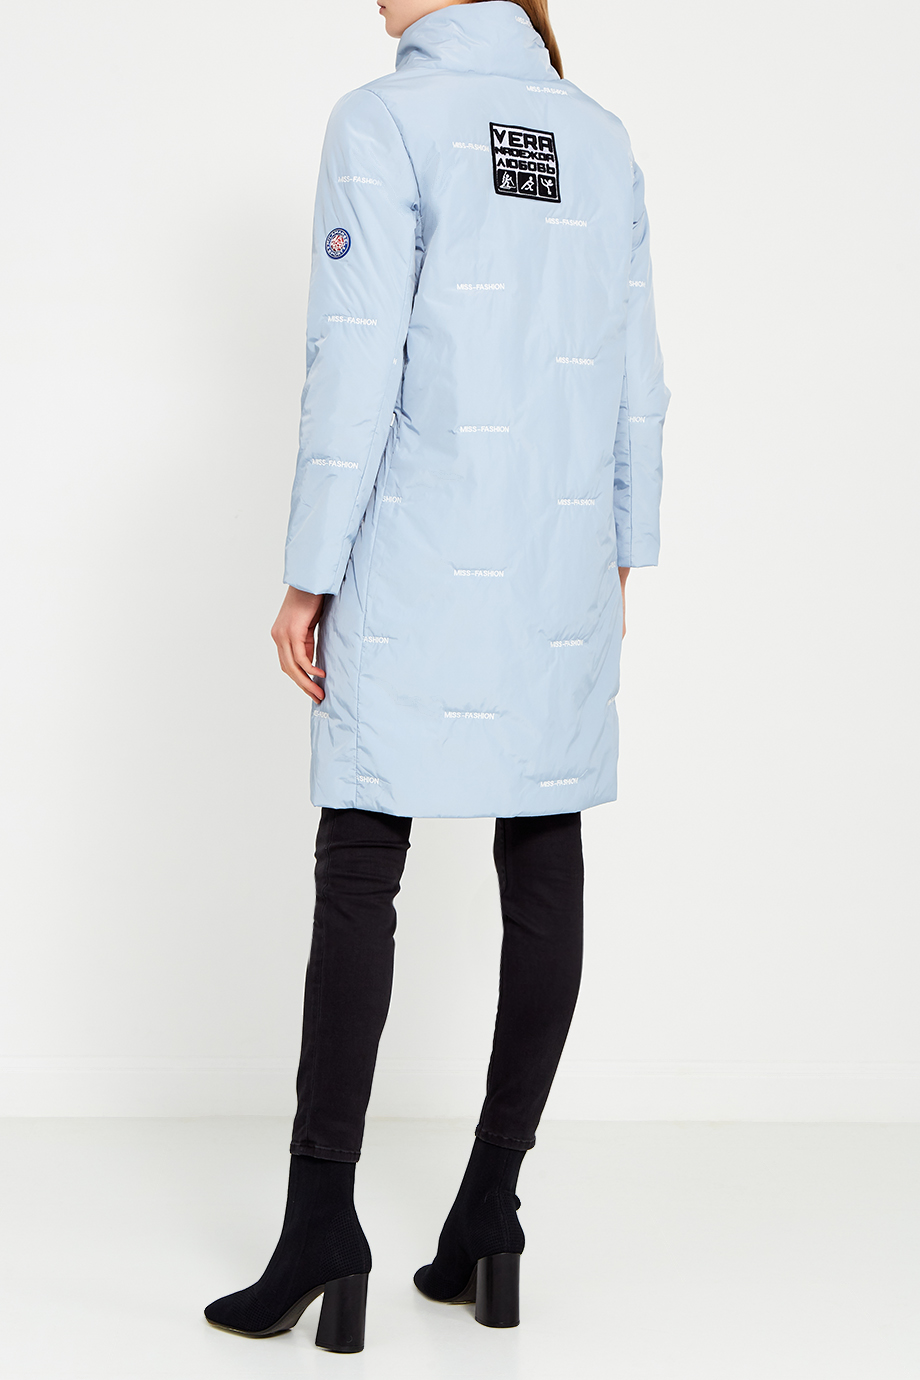 42 Размер Женской Одежды Параметры Доставка